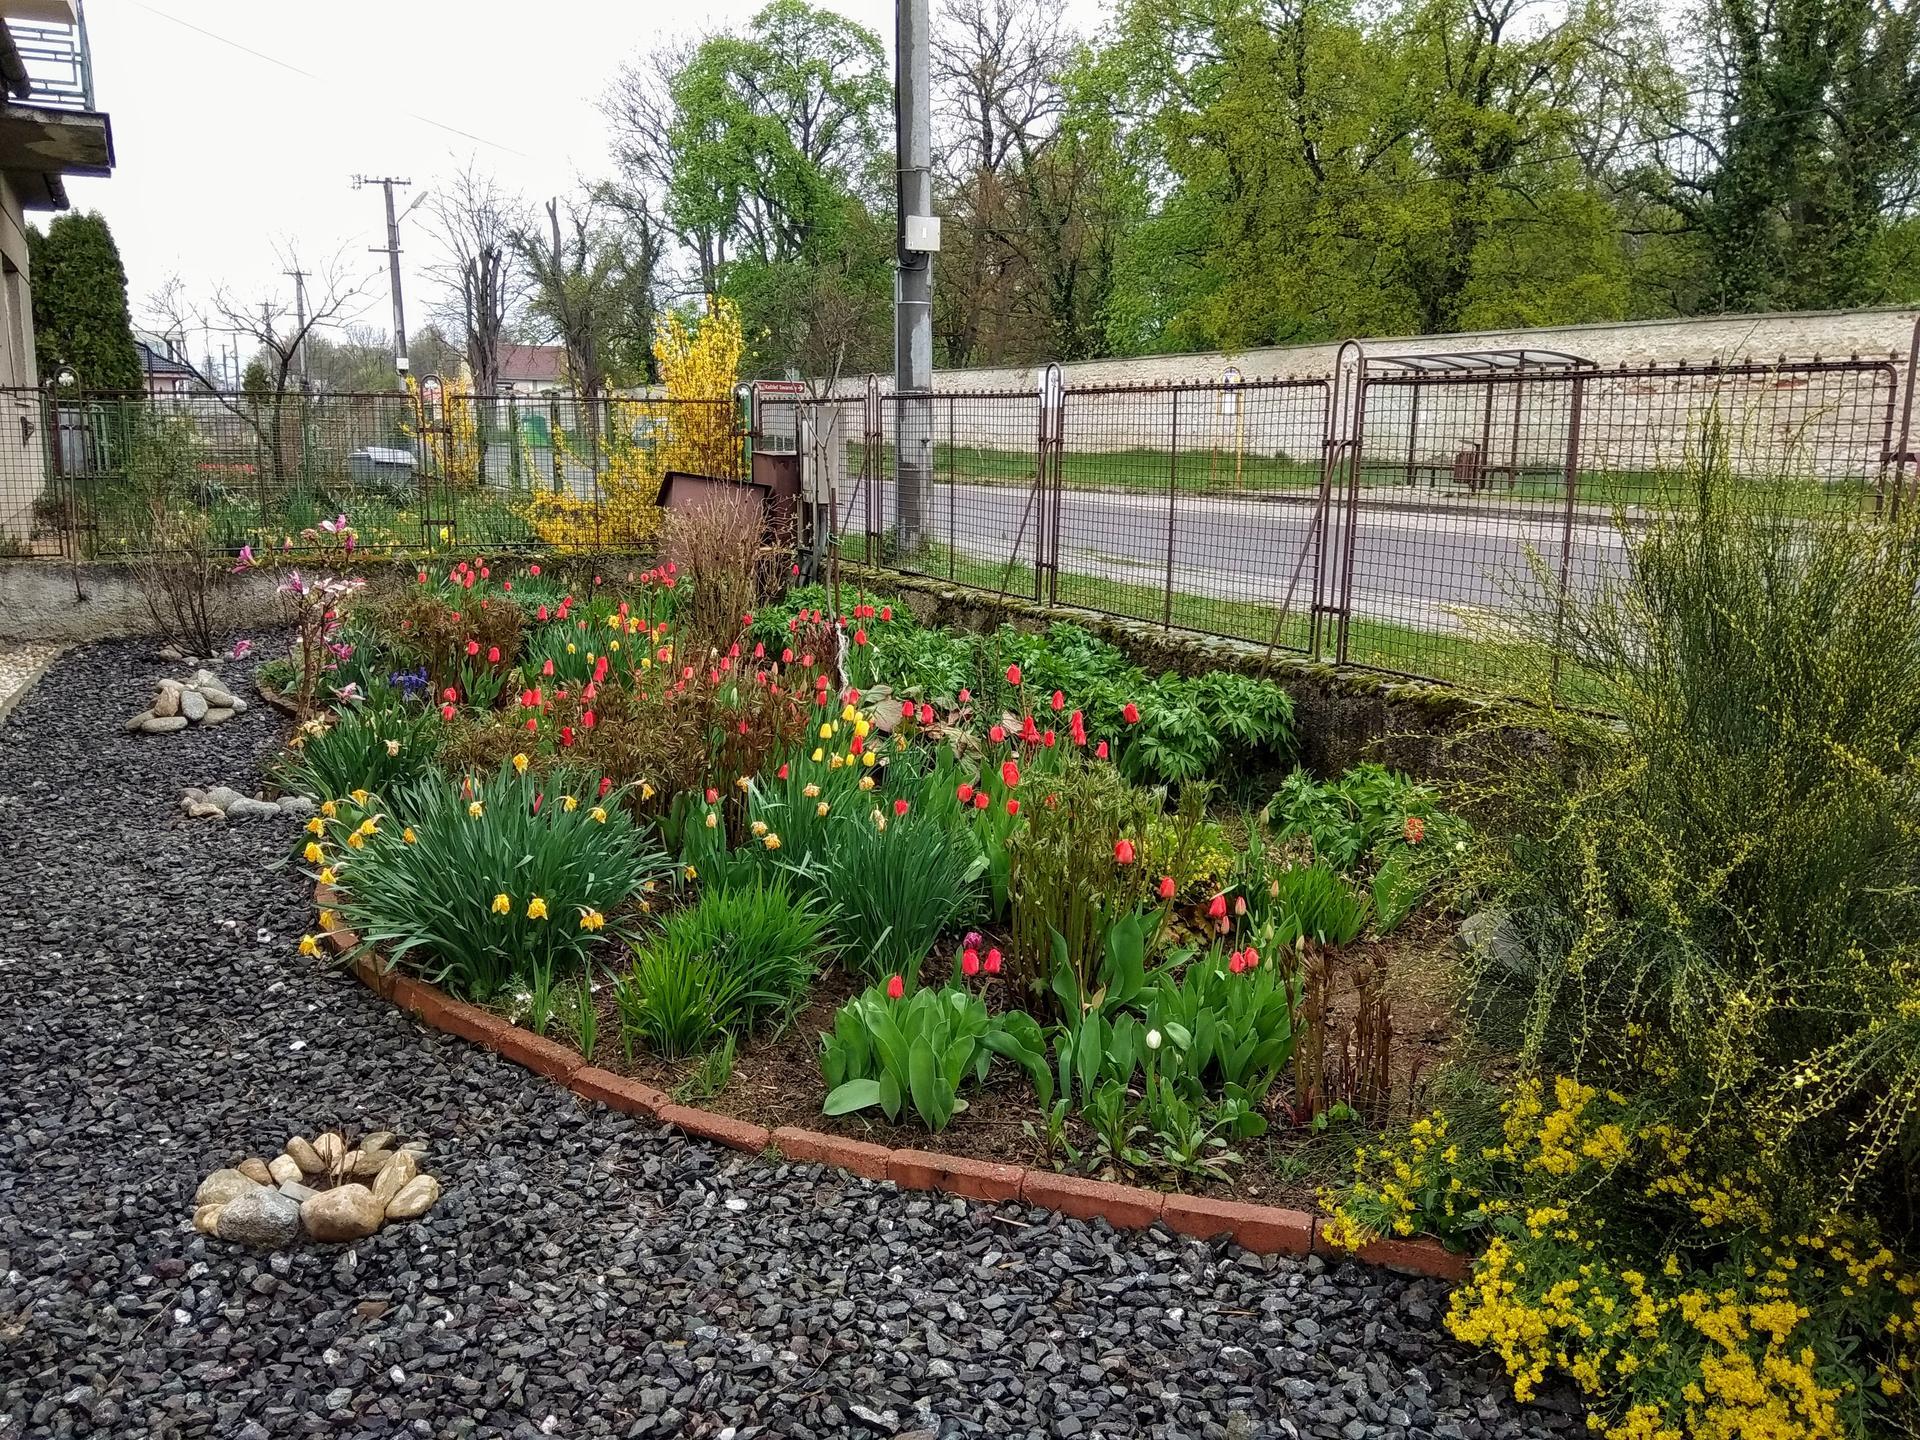 Naša záhrada 2020 v priebehu roka, moja a manželova záľuba... - Obrázok č. 1